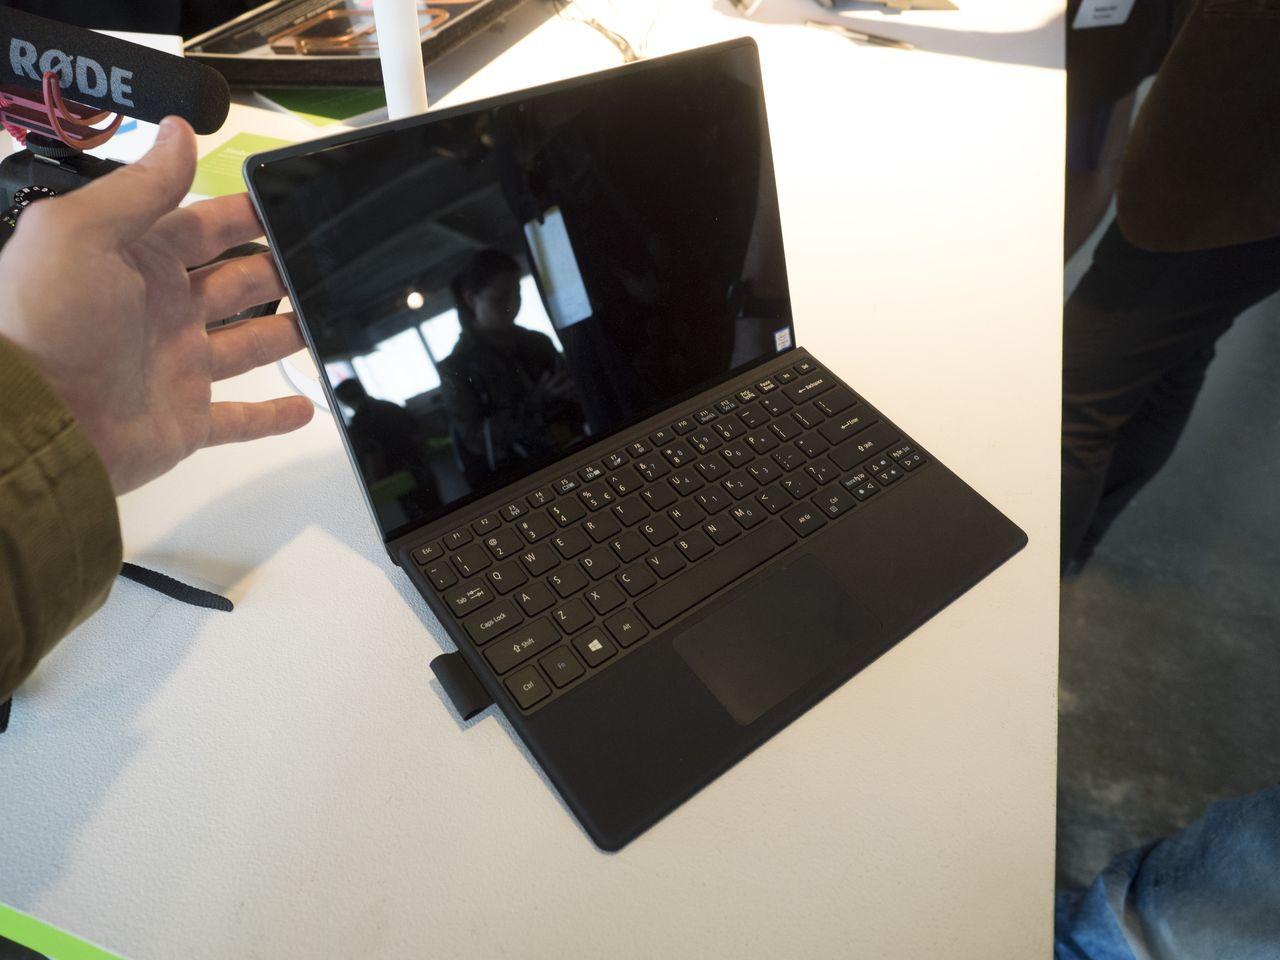 Next@Acer: Самый мощный игровой ноутбук с воздушным охлаждением, велокомпьютер, Chromebook для работы и другие новинки - 12